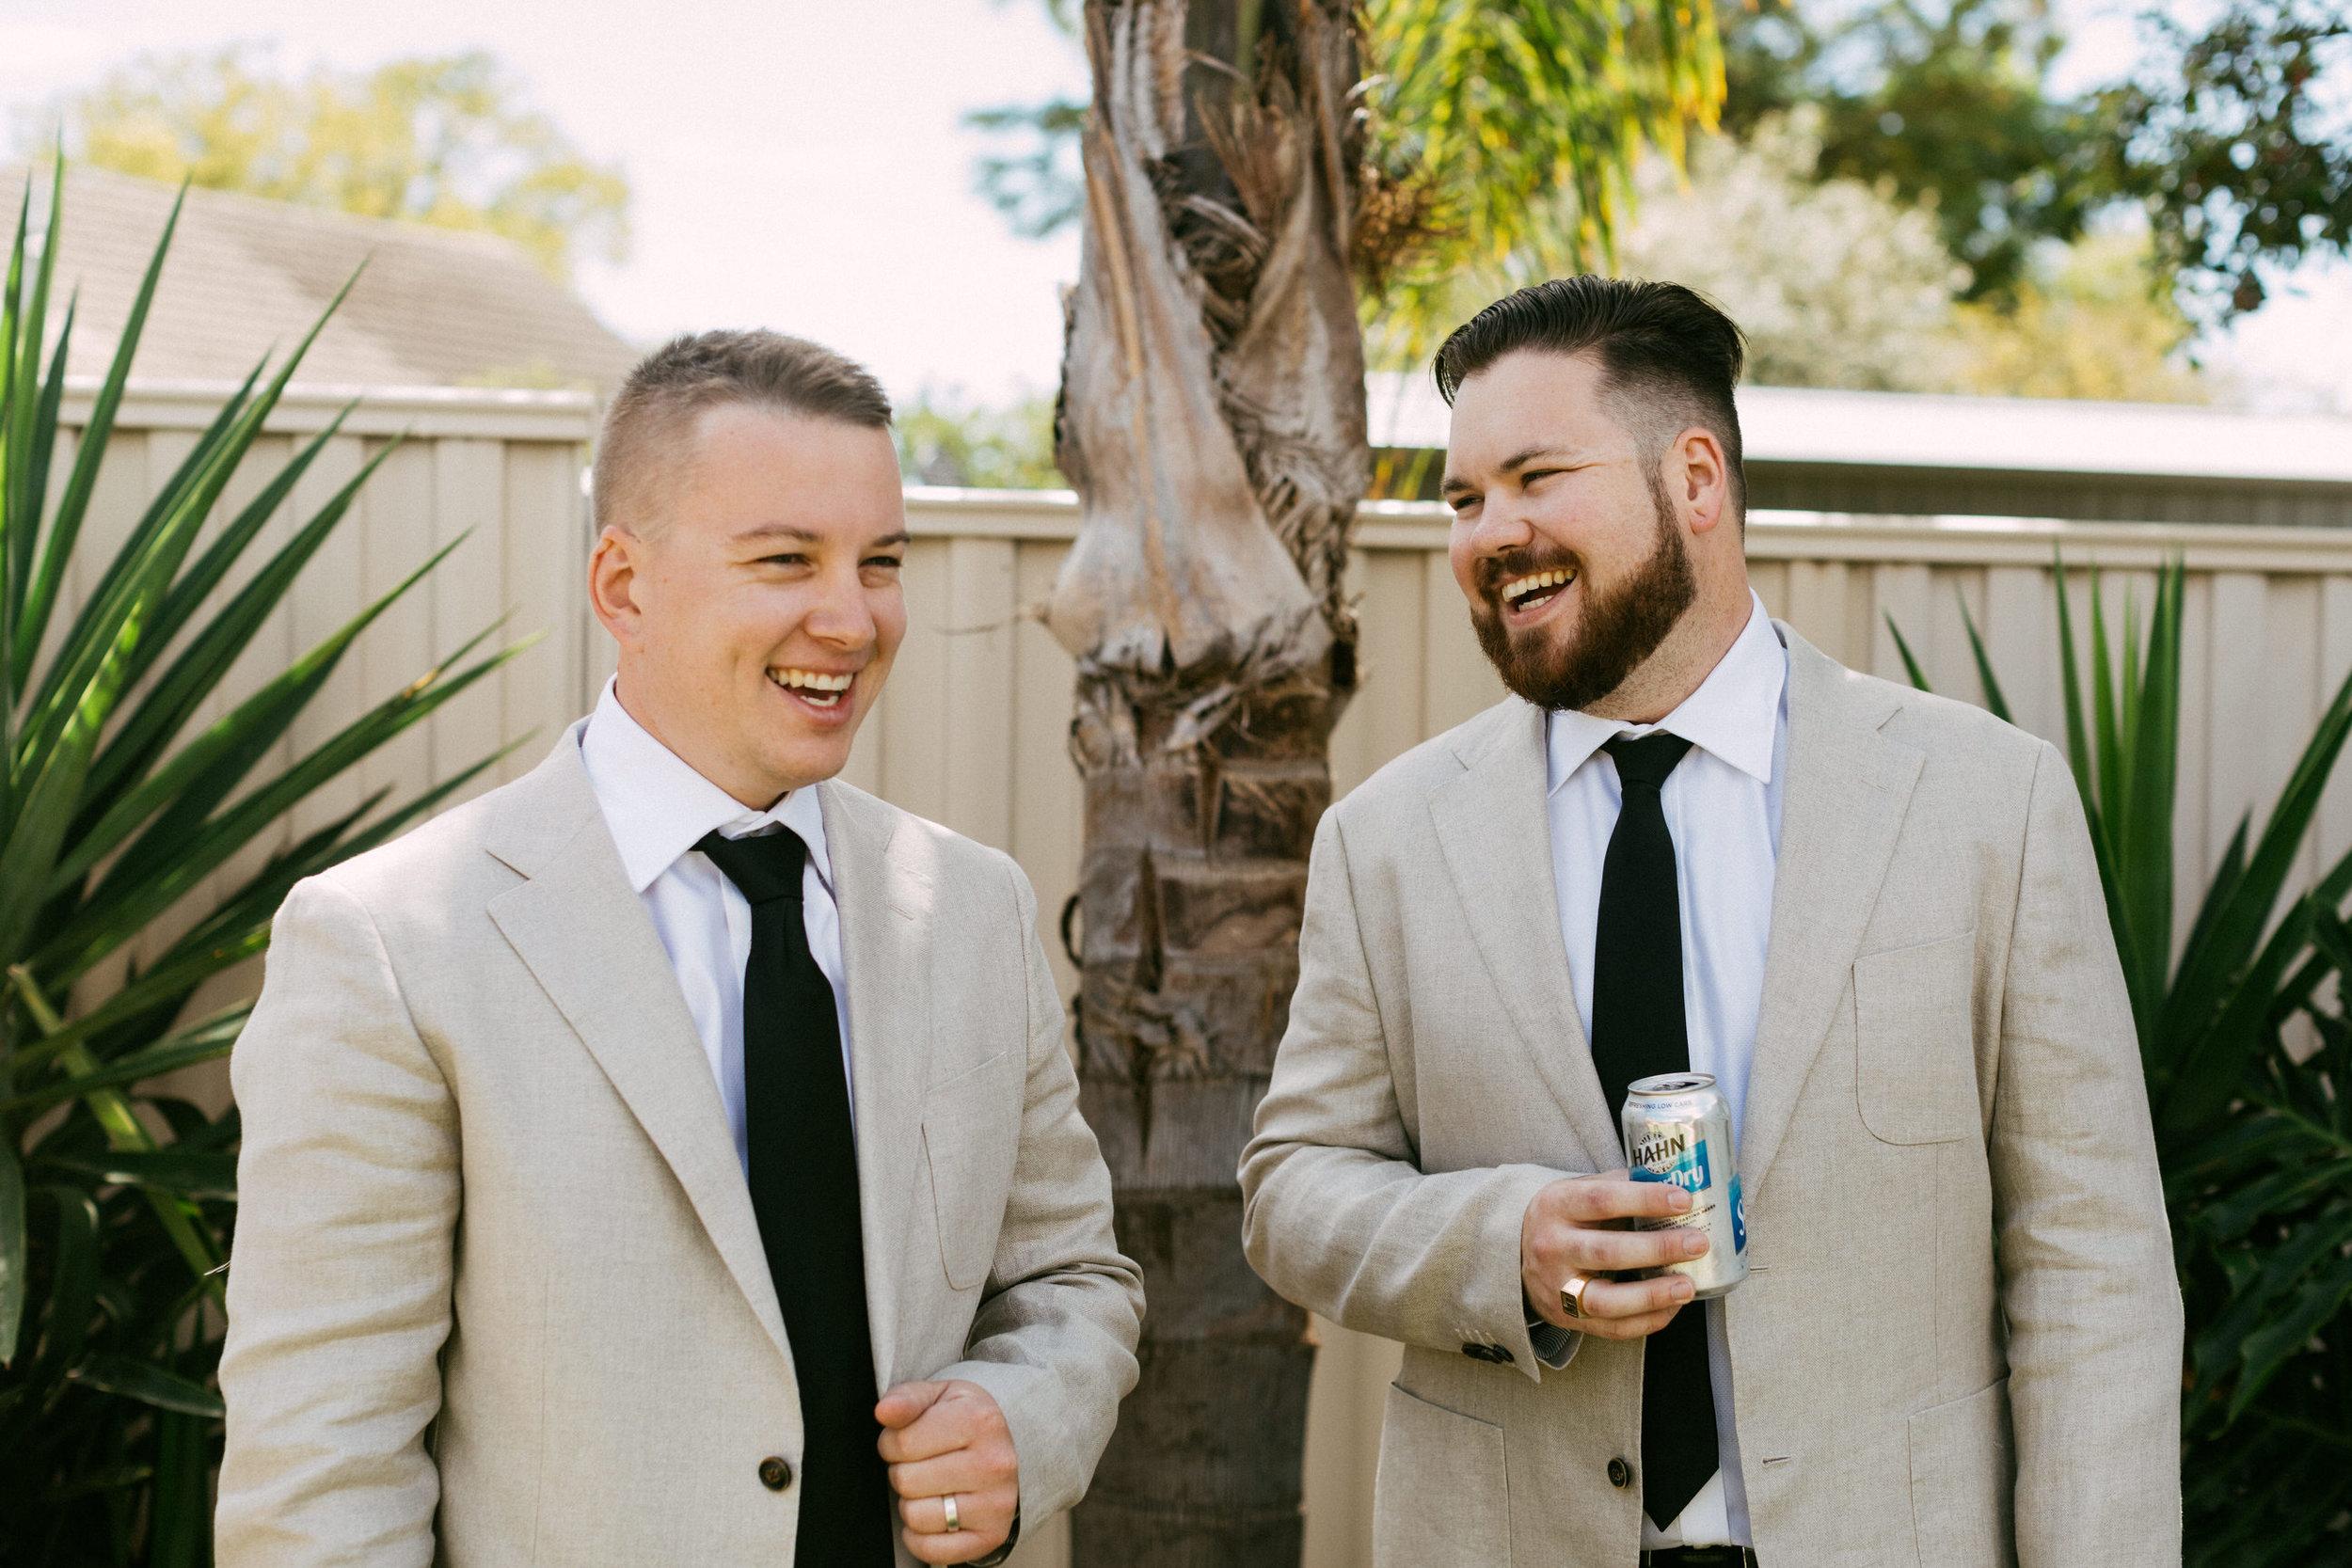 Adelaide City Fringe Garden Unearthly Delight Wedding 006.jpg